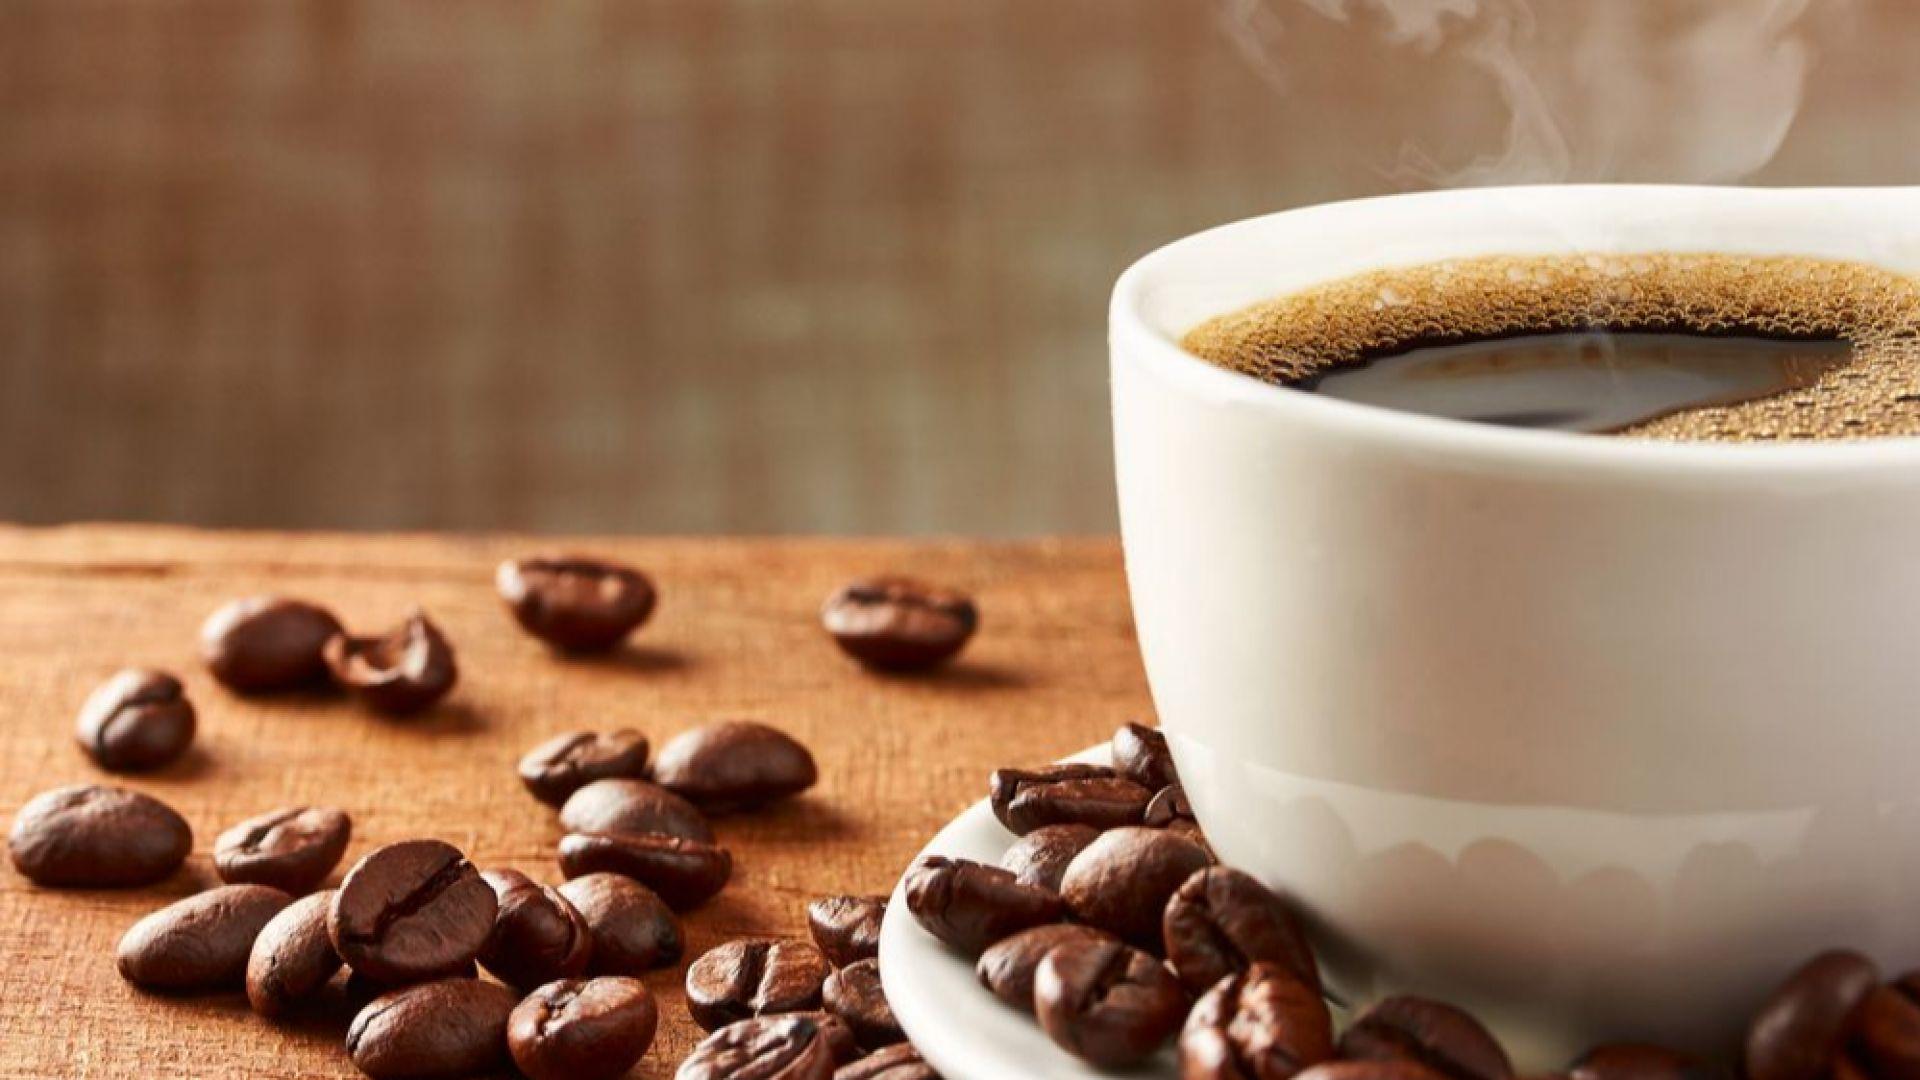 Австралийски учени предлагат добавка от броколи за кафе